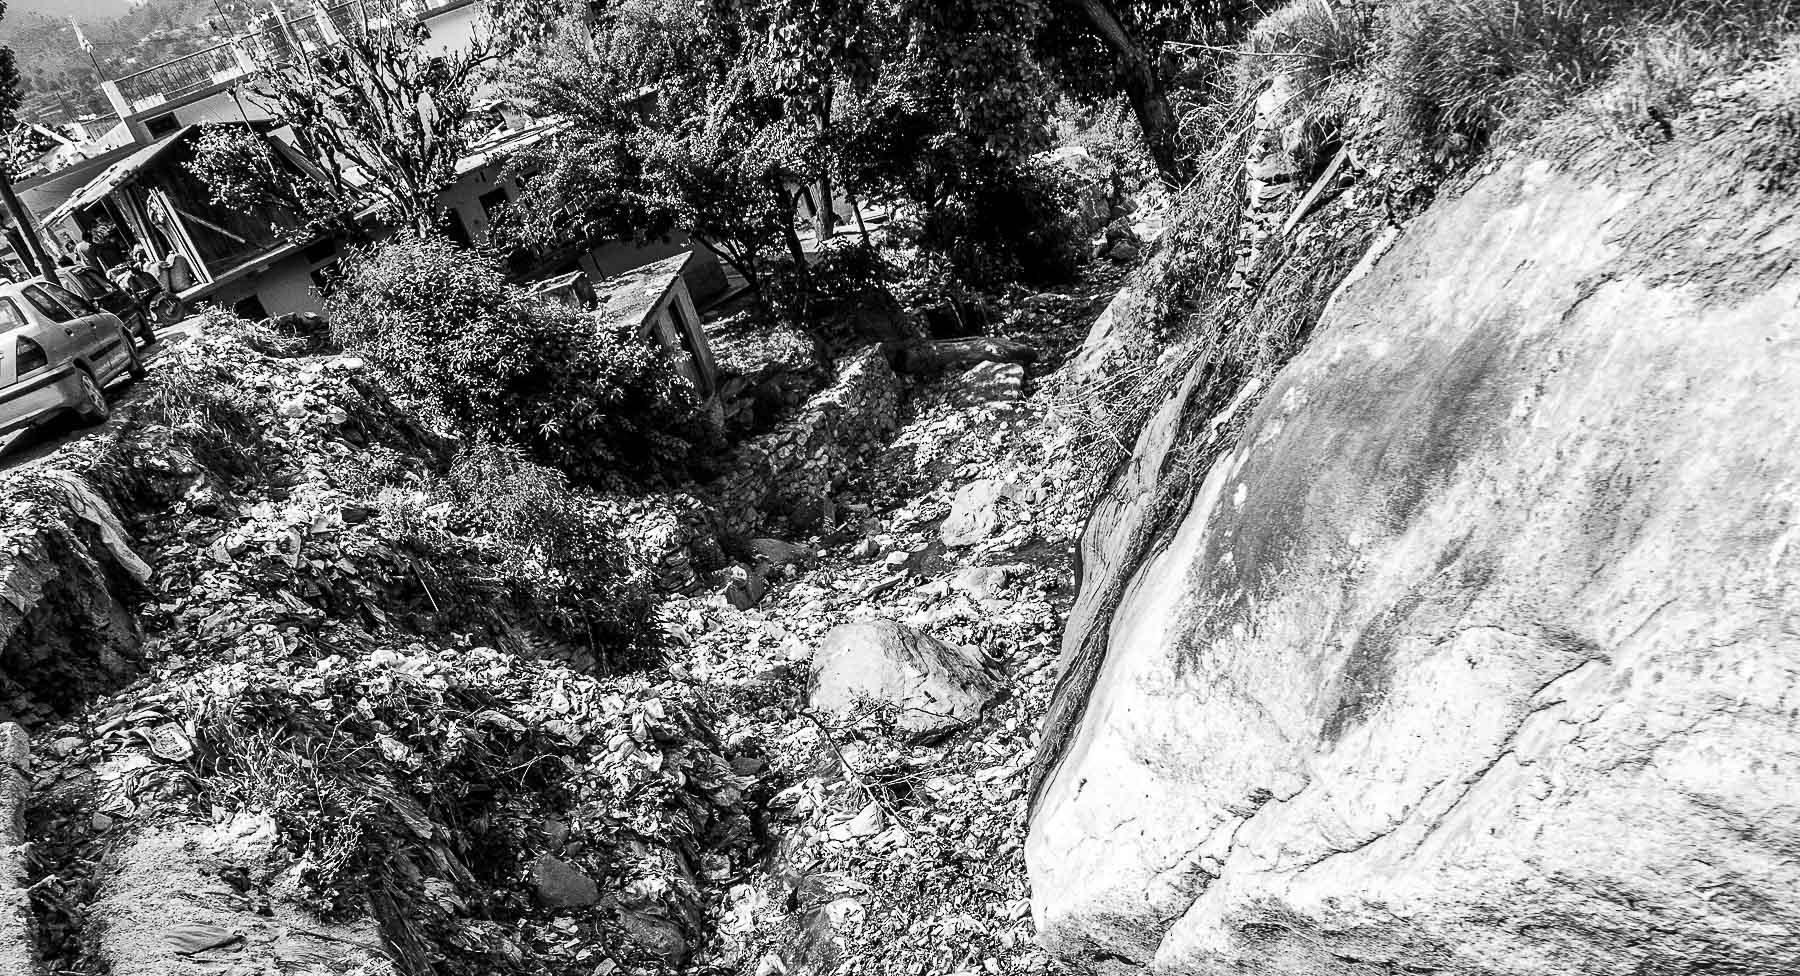 Des déchets plastiques se déversent dans un ravin traversant un village de la Yamuna Valley.